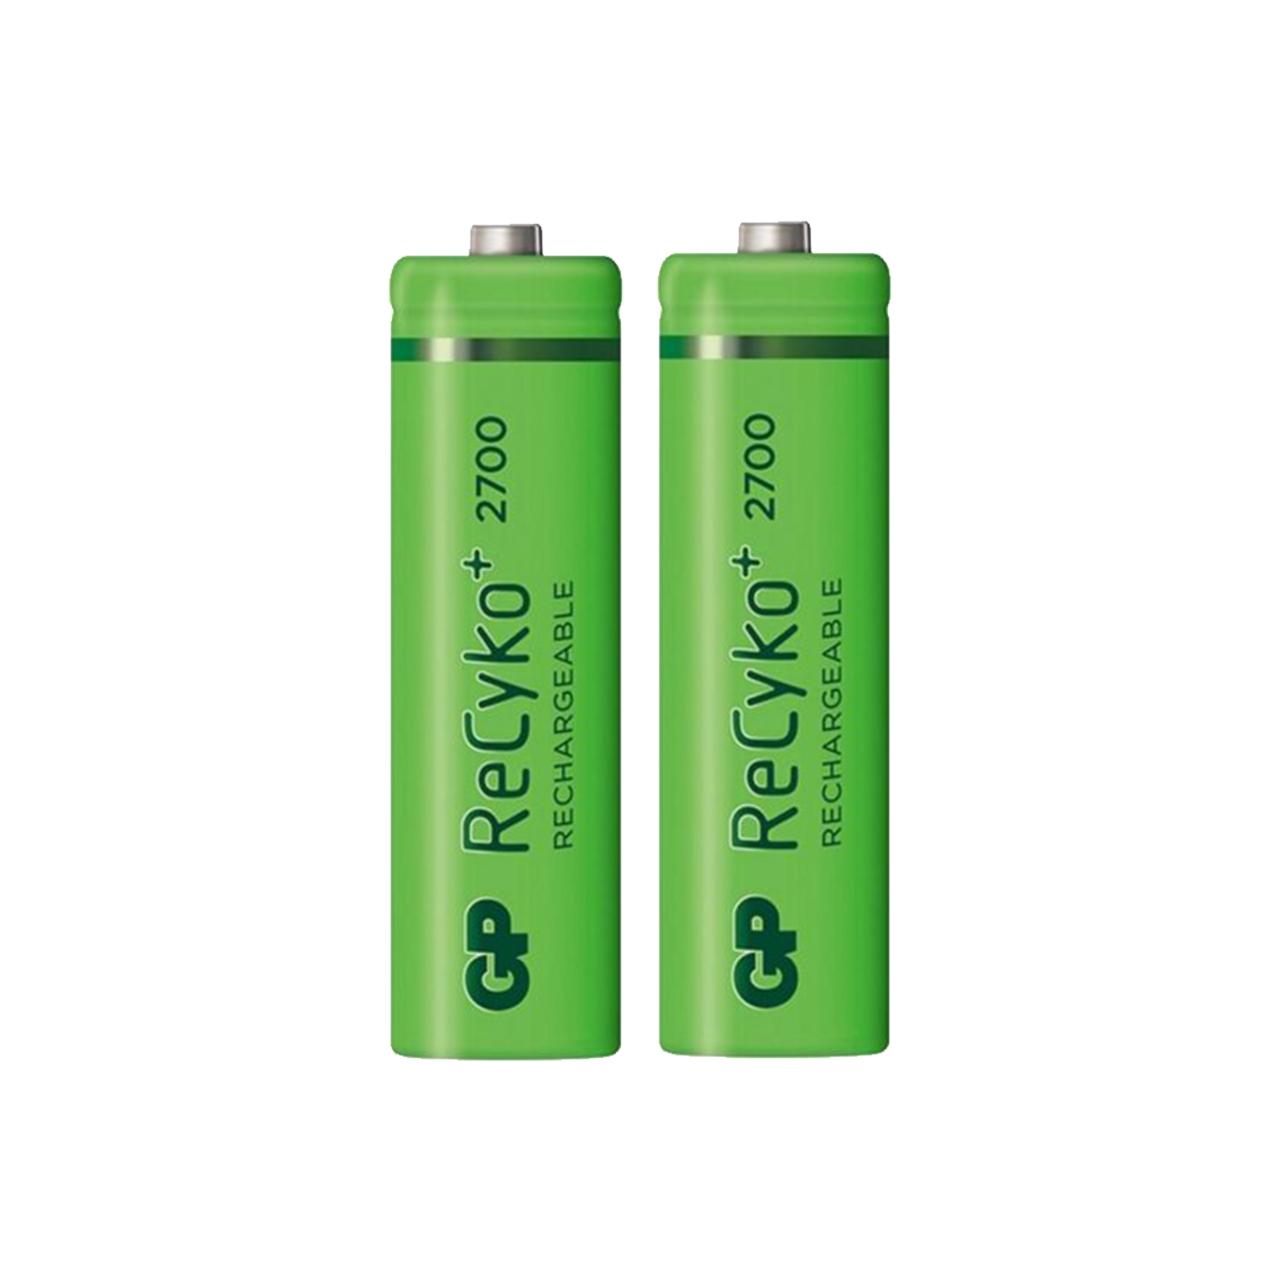 بررسی و {خرید با تخفیف}                                     باتری قلمی قابل شارژ جی پی مدل ReCyko Plus 2700 بسته 2 عددی                             اصل